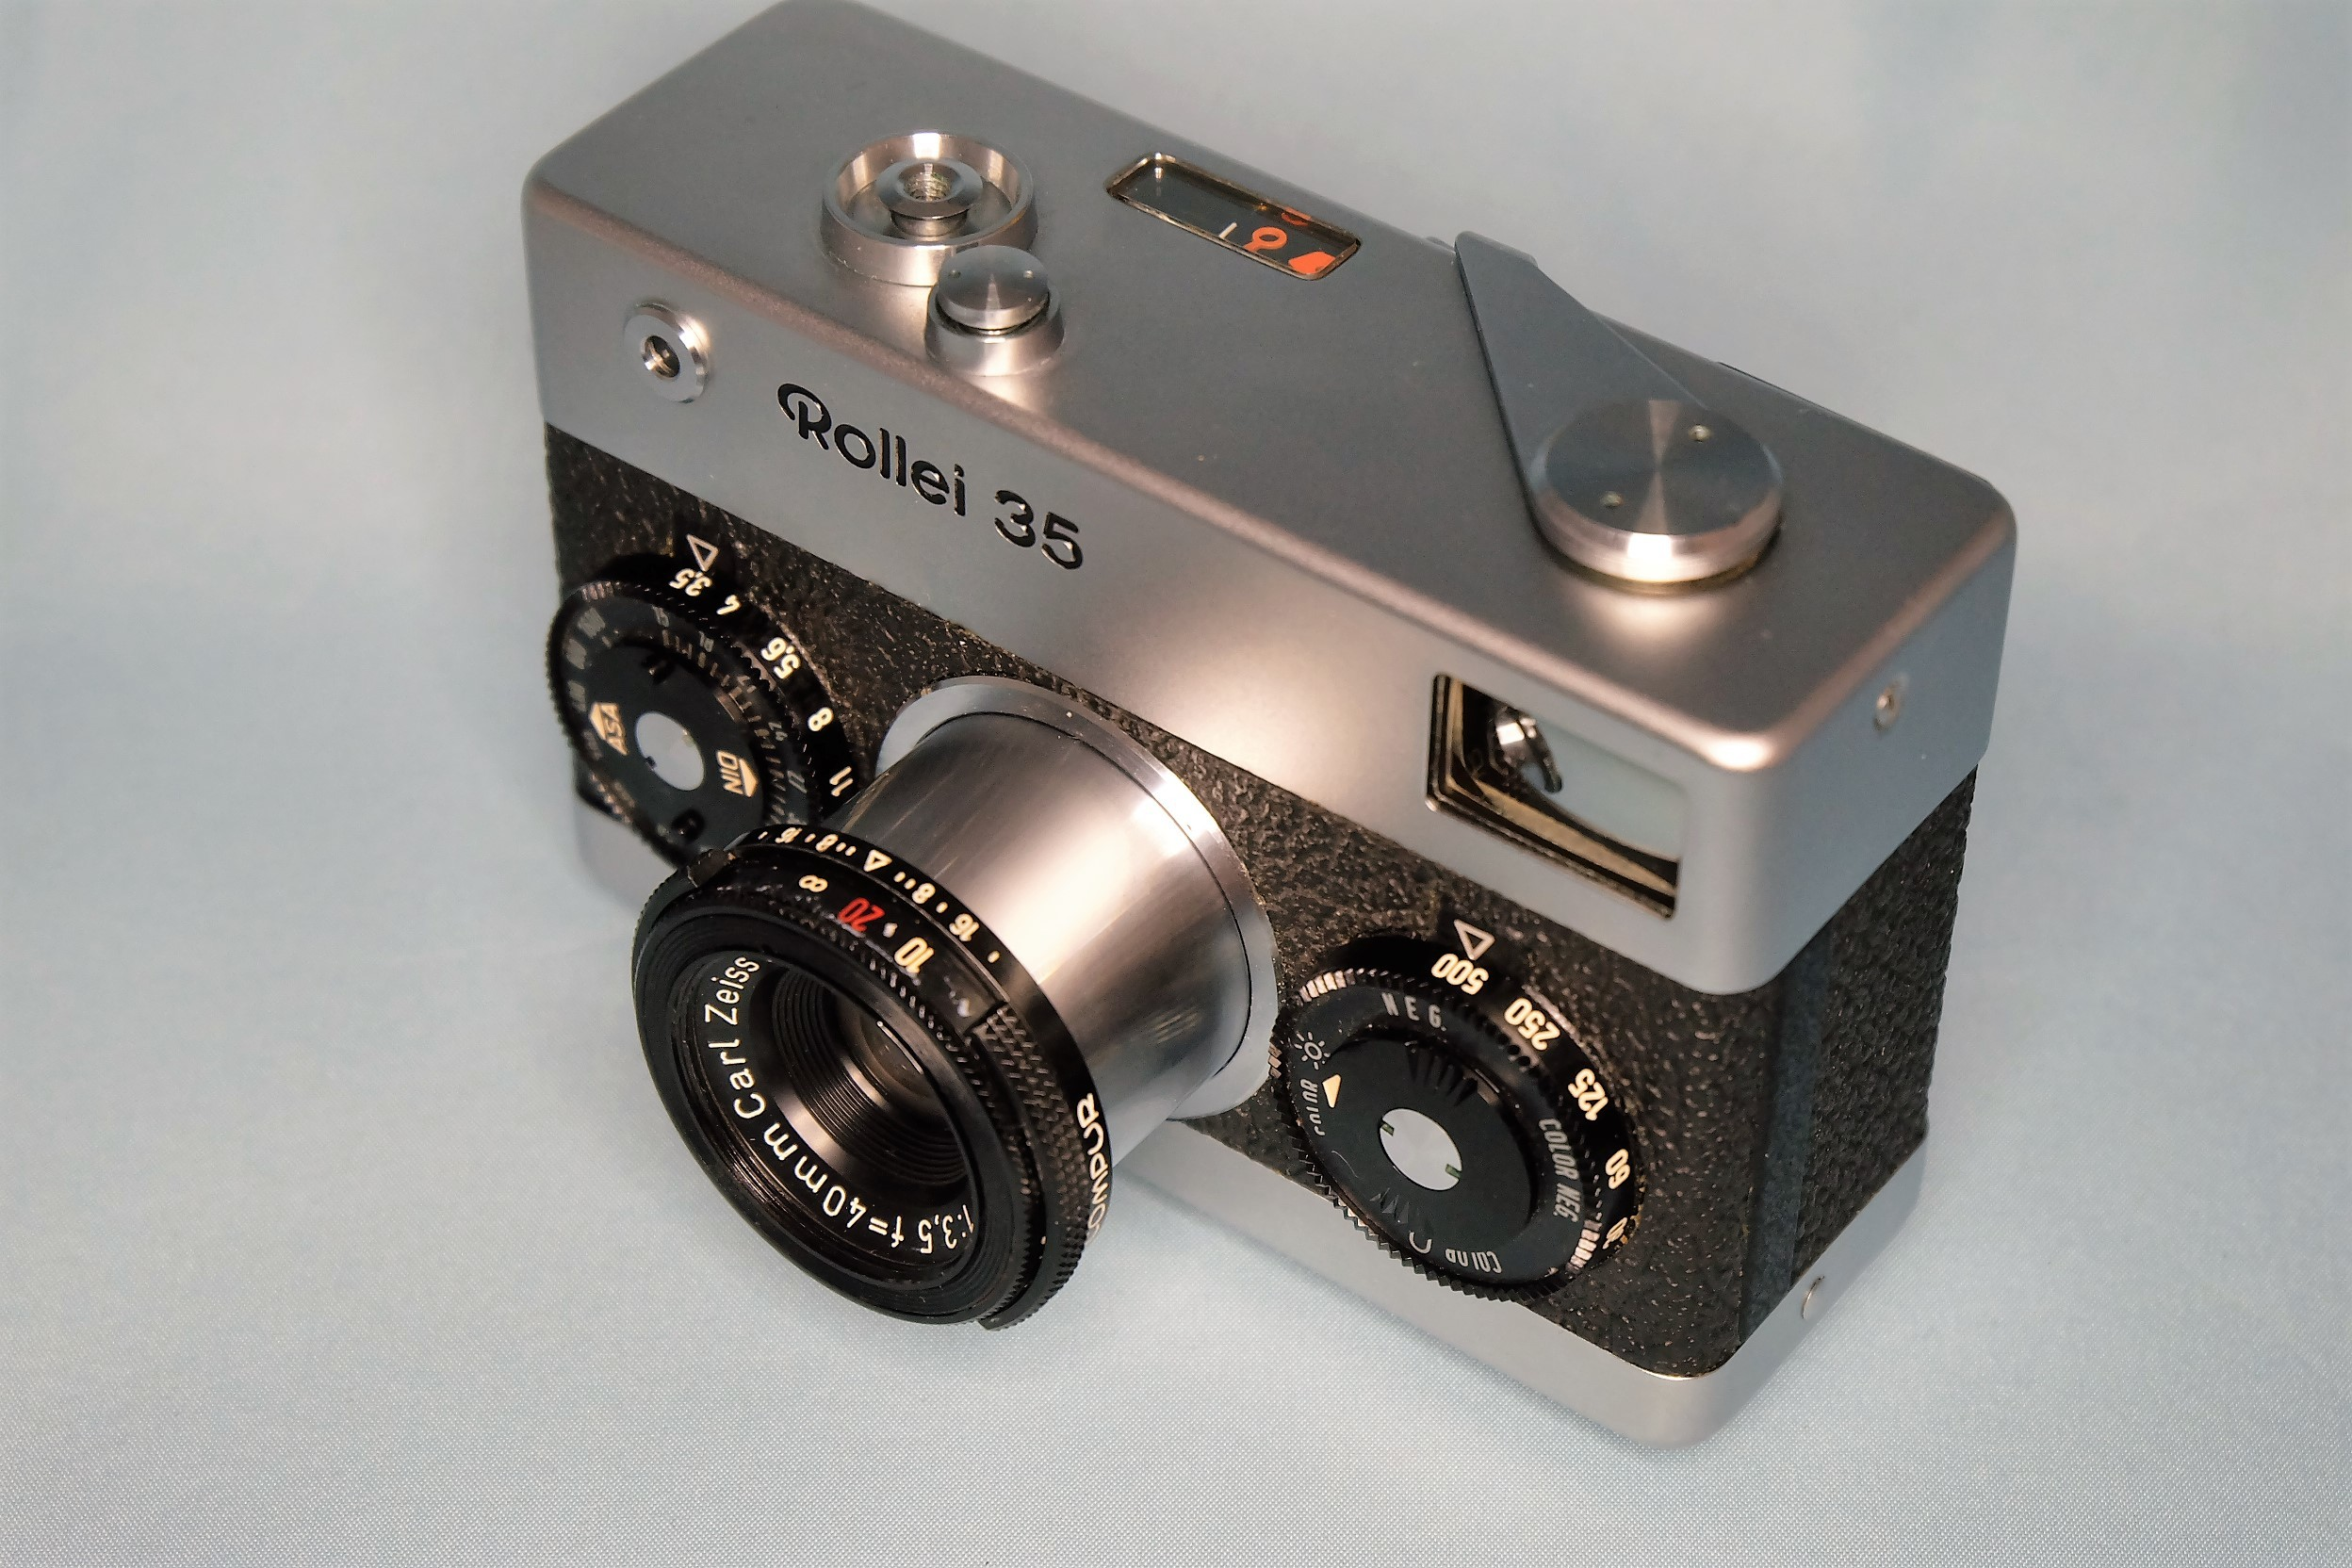 ローライ35修理完了(大和サイトウカメラ)